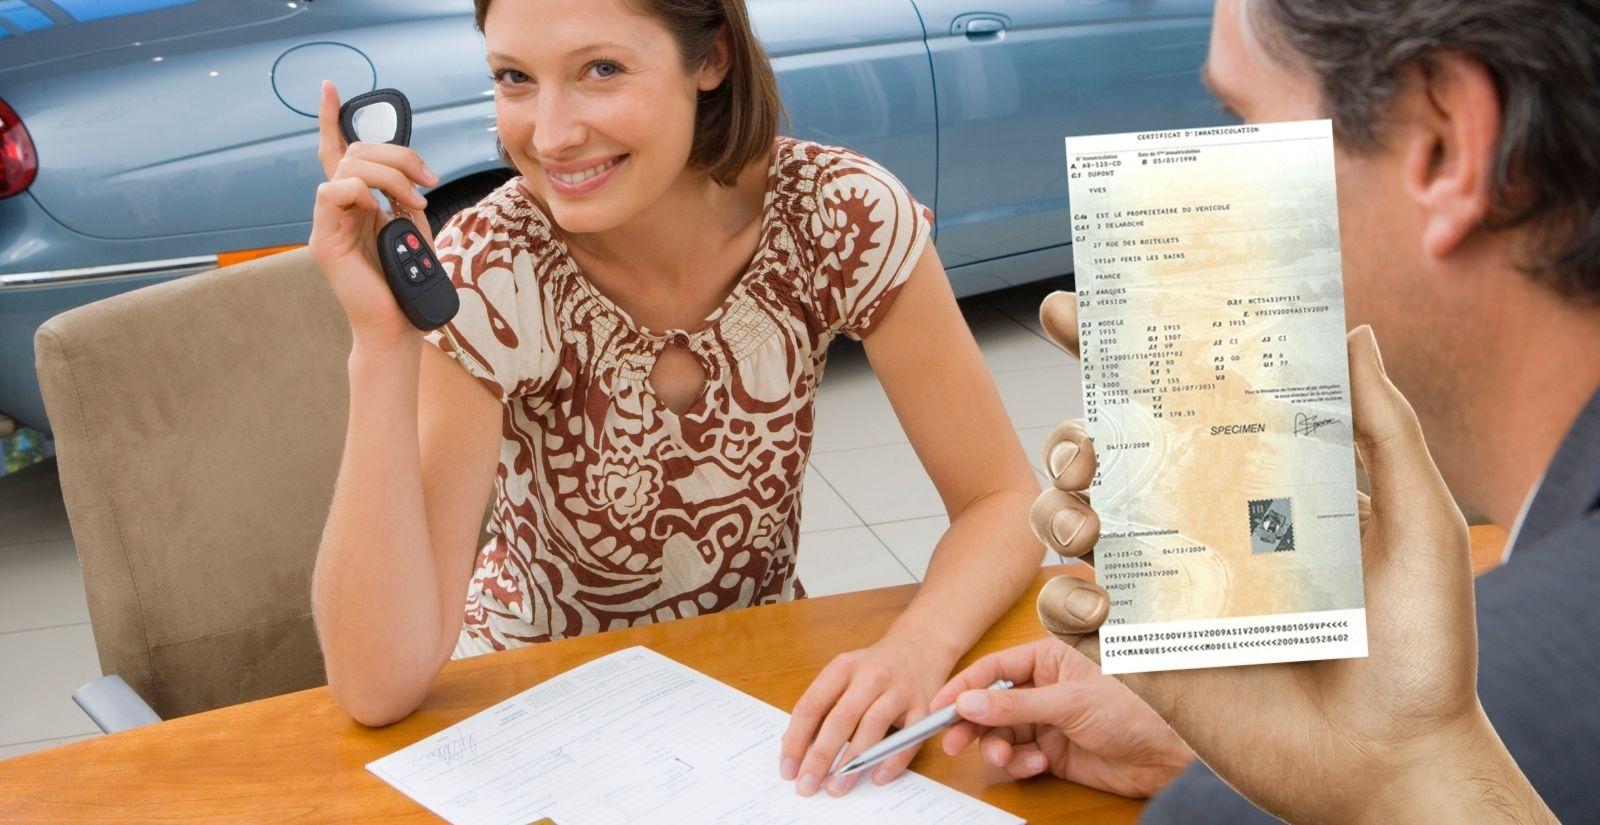 Changement titulaire / nom carte grise nouveau propriétaire / nouvelle immatriculation